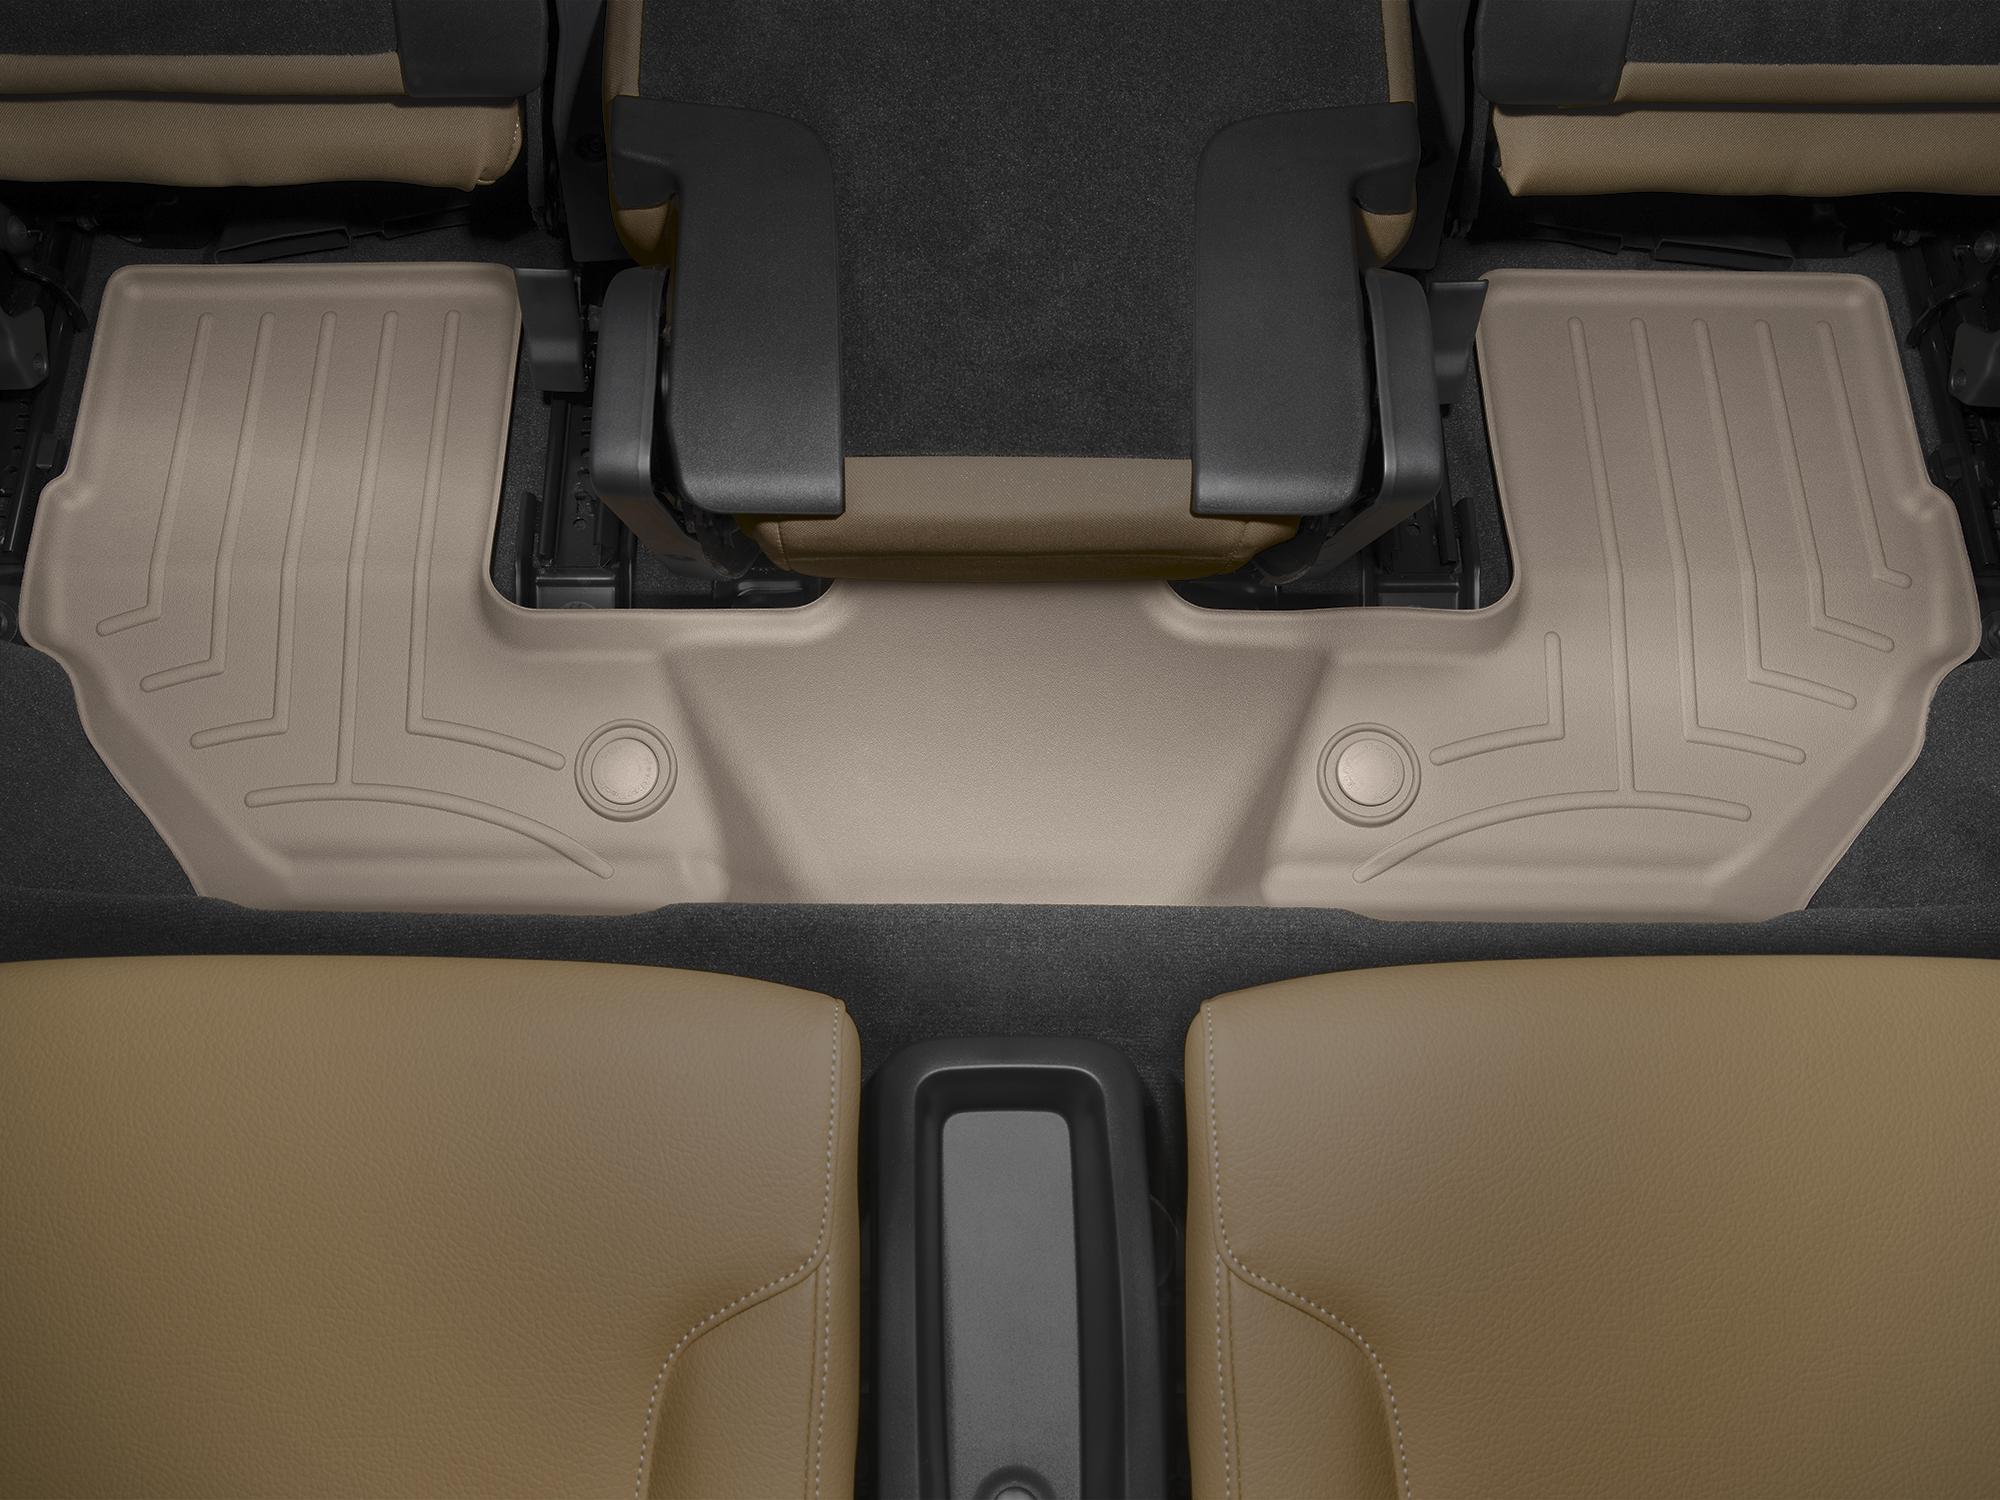 Tappeti gomma su misura bordo alto Volvo XC90 15>17 Marrone A4459*